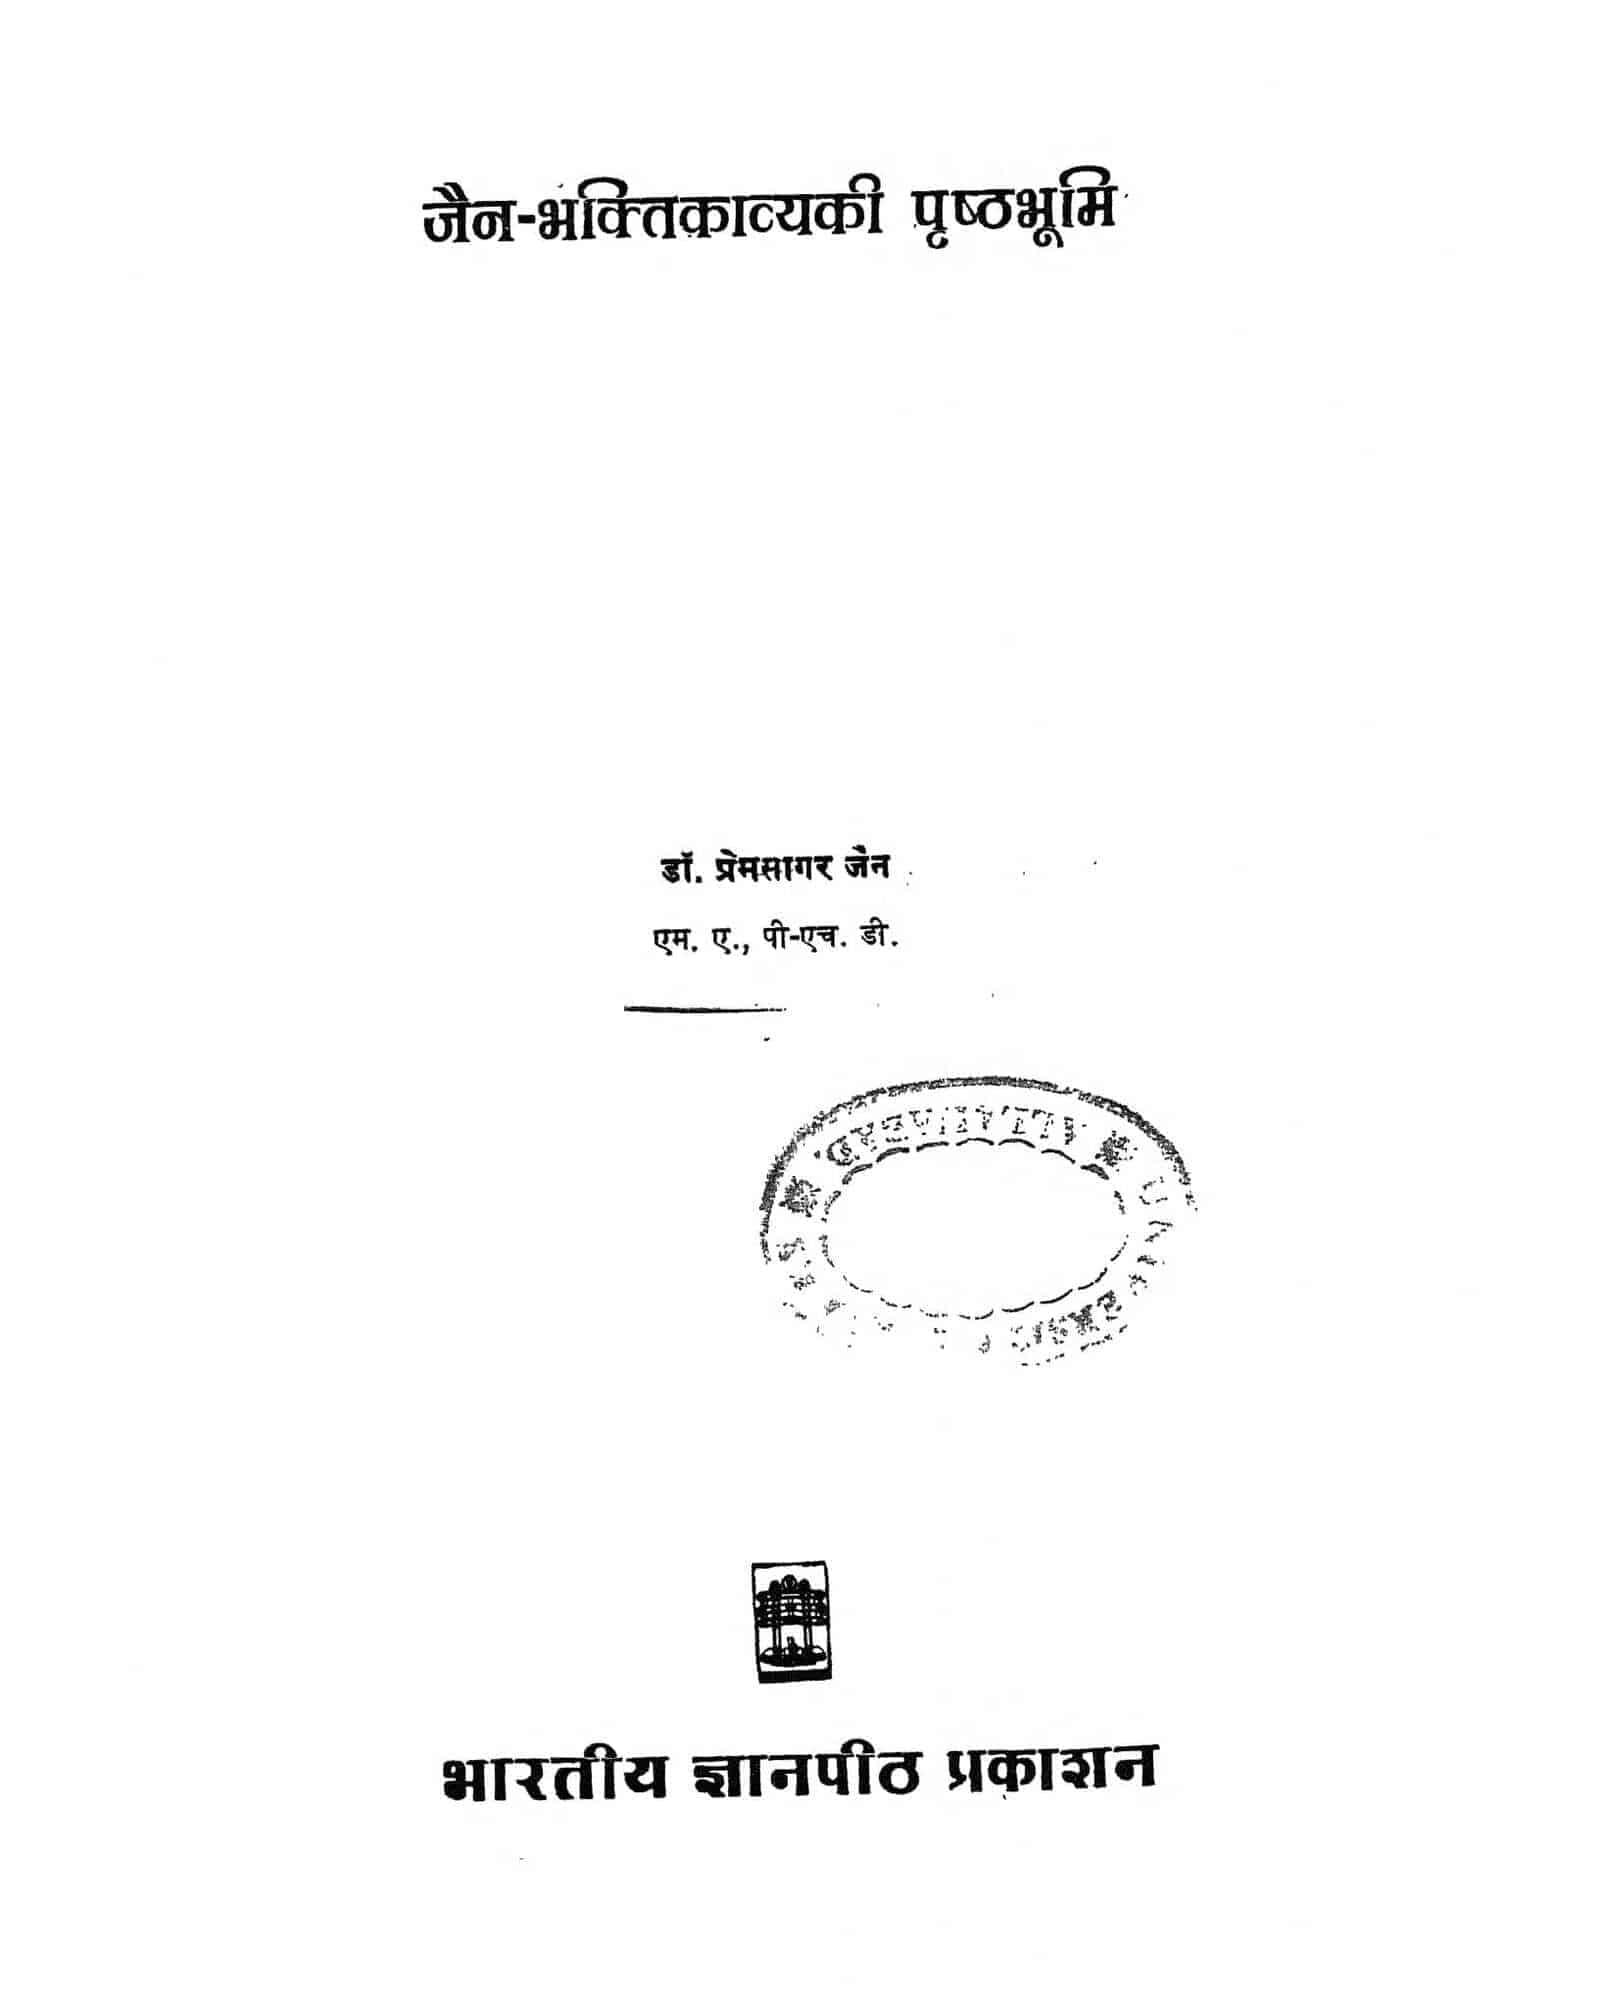 Book Image : जैन - भक्ति काव्य की पृष्ठभूमि - Jain Bhaktikavya Ki Pristhabhumi